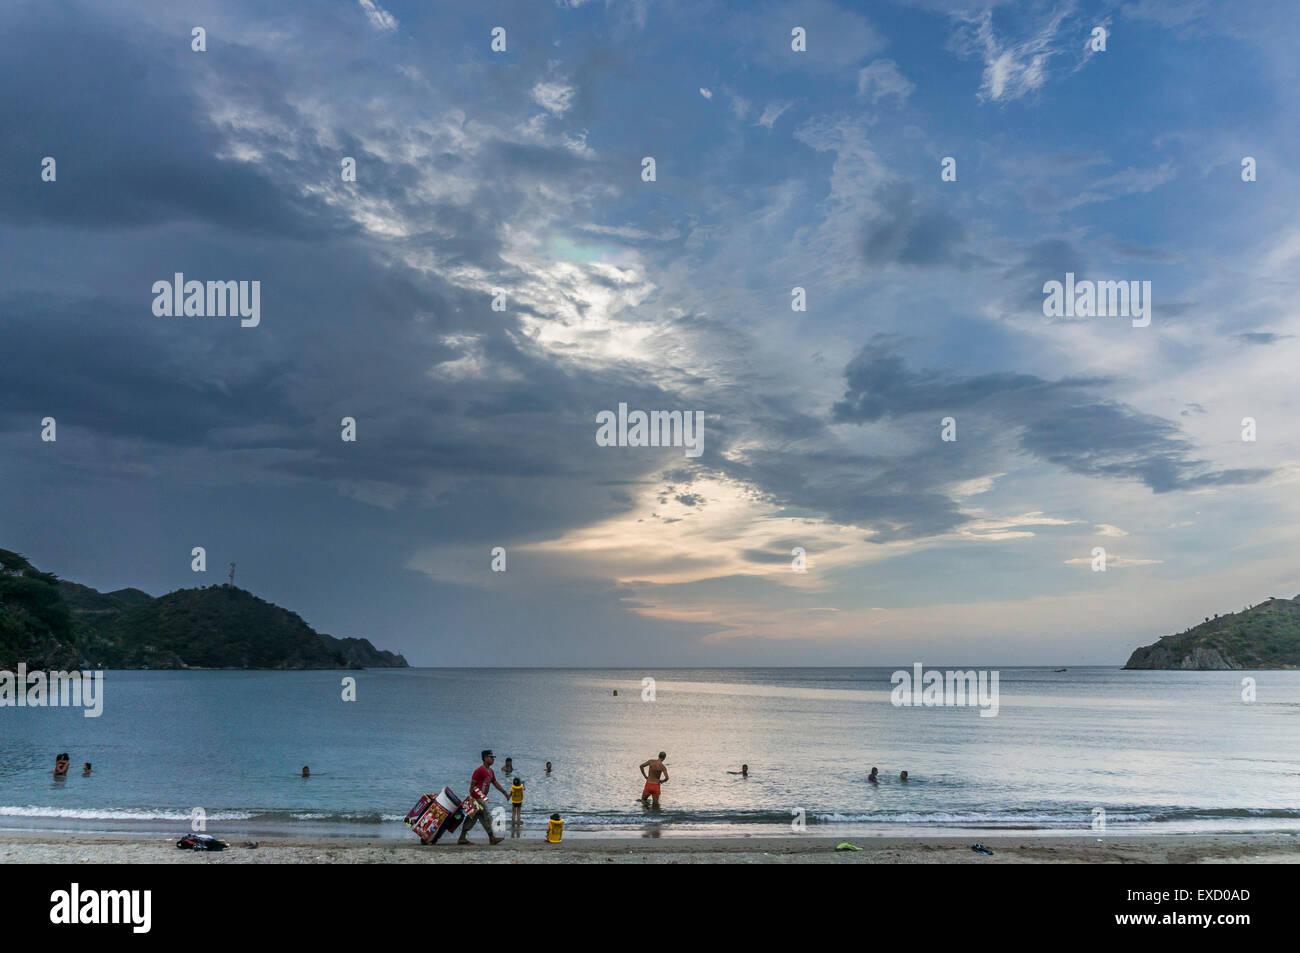 Abend am Strand von Taganga in der Nähe von Santa Marta, Kolumbien.  Das einst kleine Fischerdorf an der Karibik Stockbild